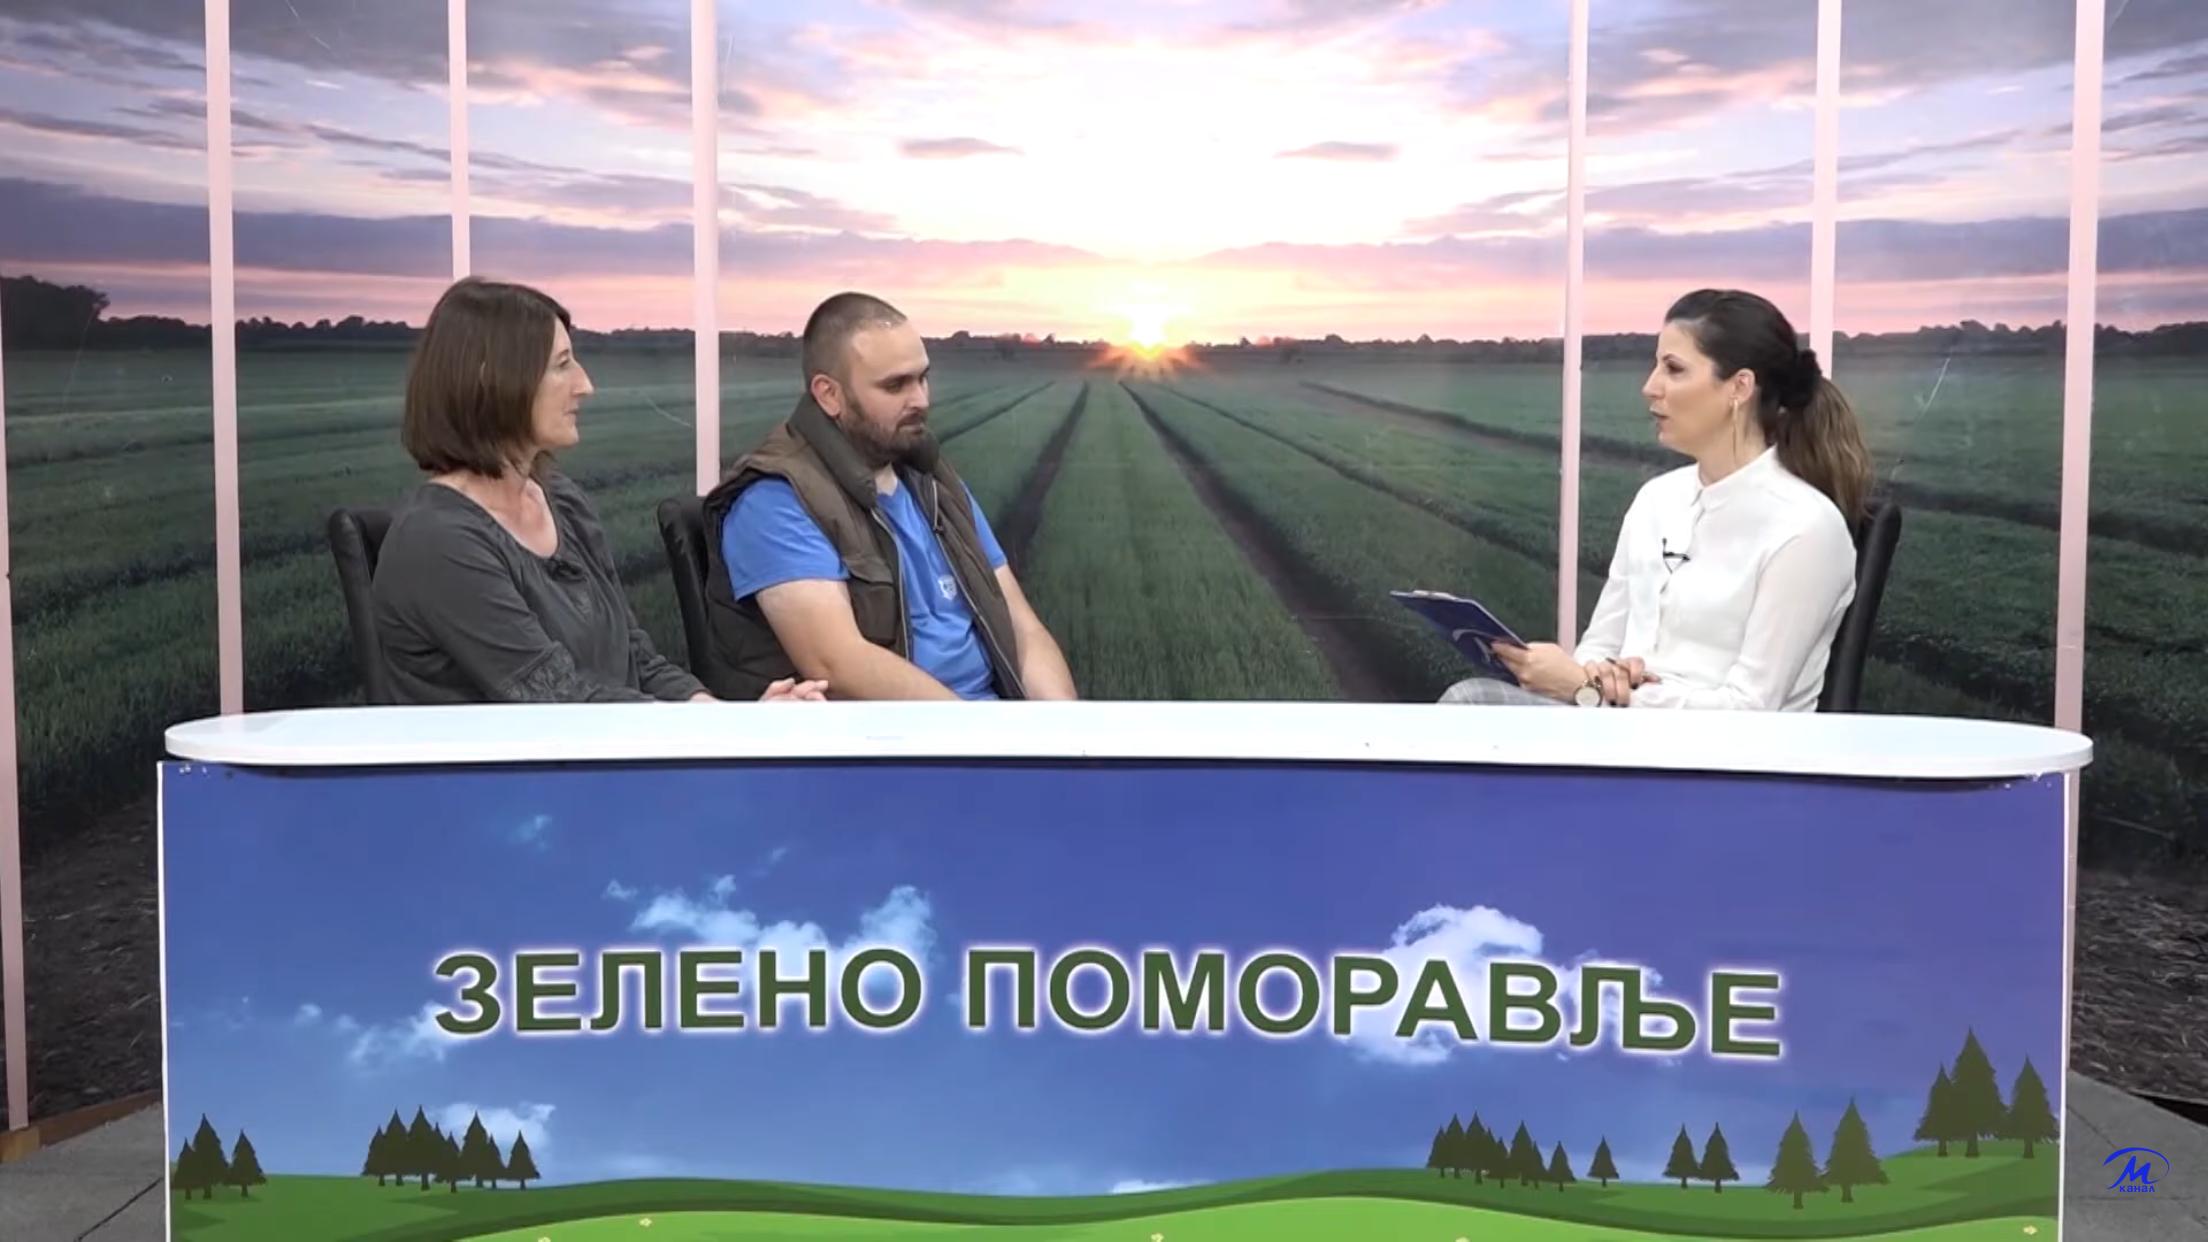 ZELENO POMORAVLJE – Igor Andrejić i Mira Miljković, PSSS Jagodina